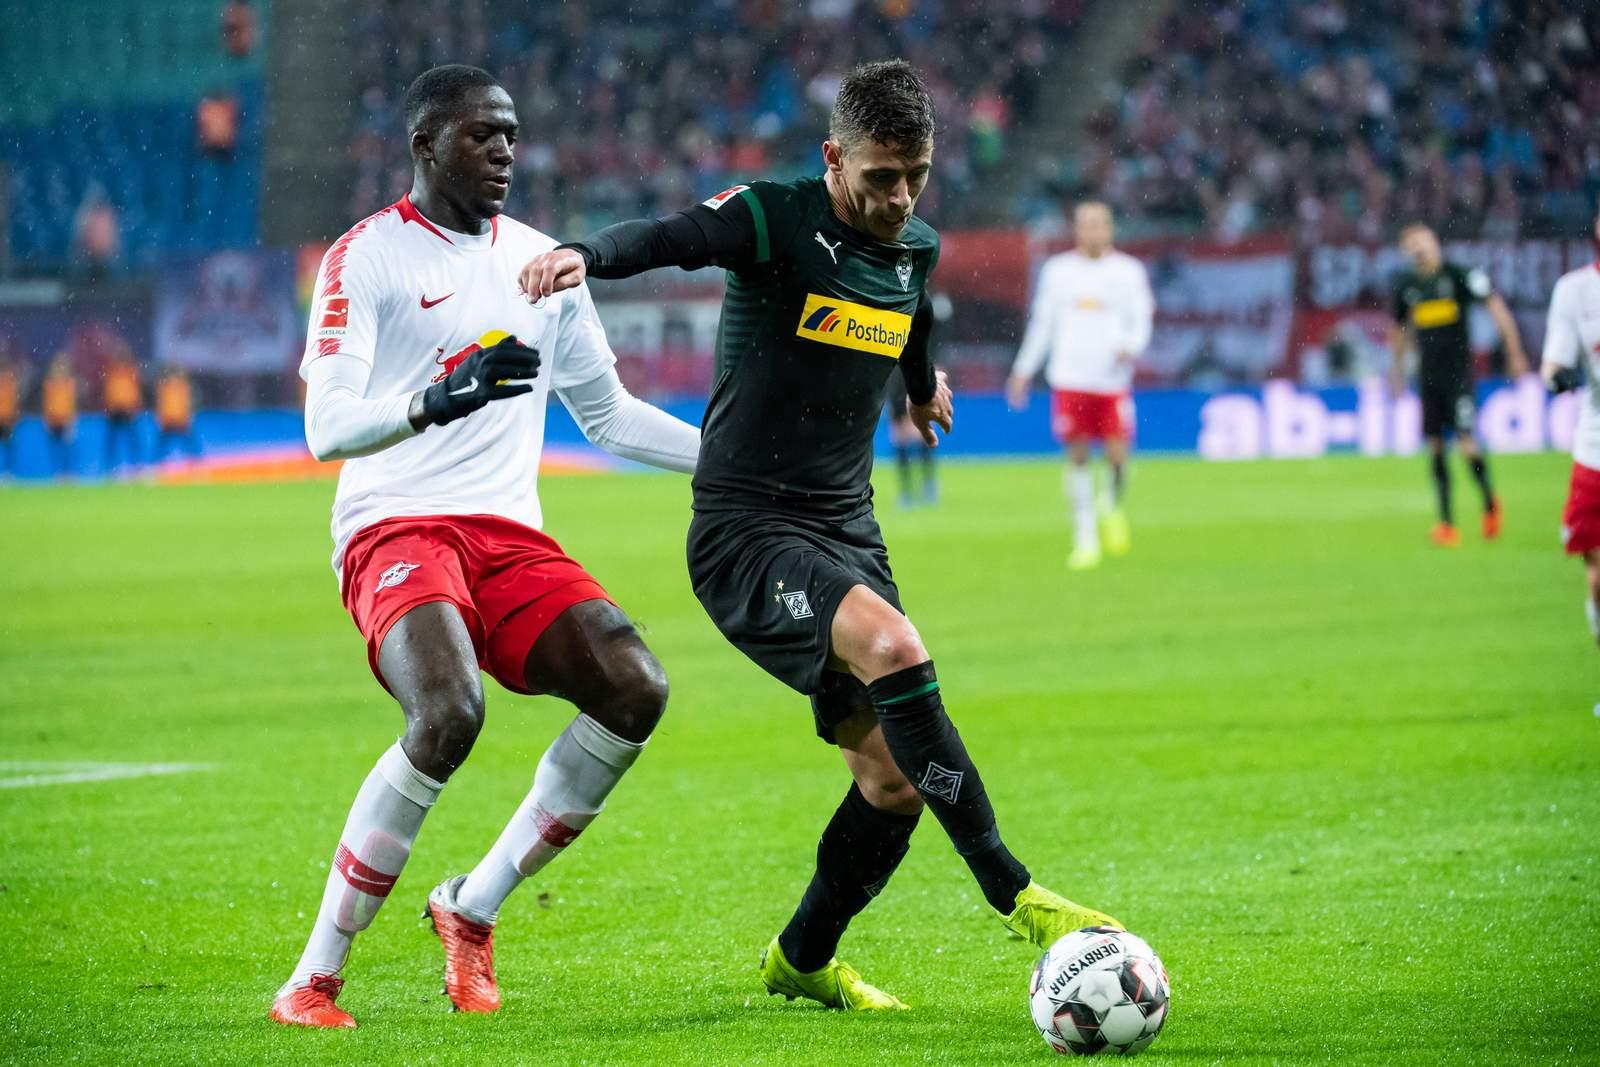 Kann Thorgan Hazard das Spitzenspiel entscheiden? Jetzt auf Gladbach gegen Leipzig wetten!